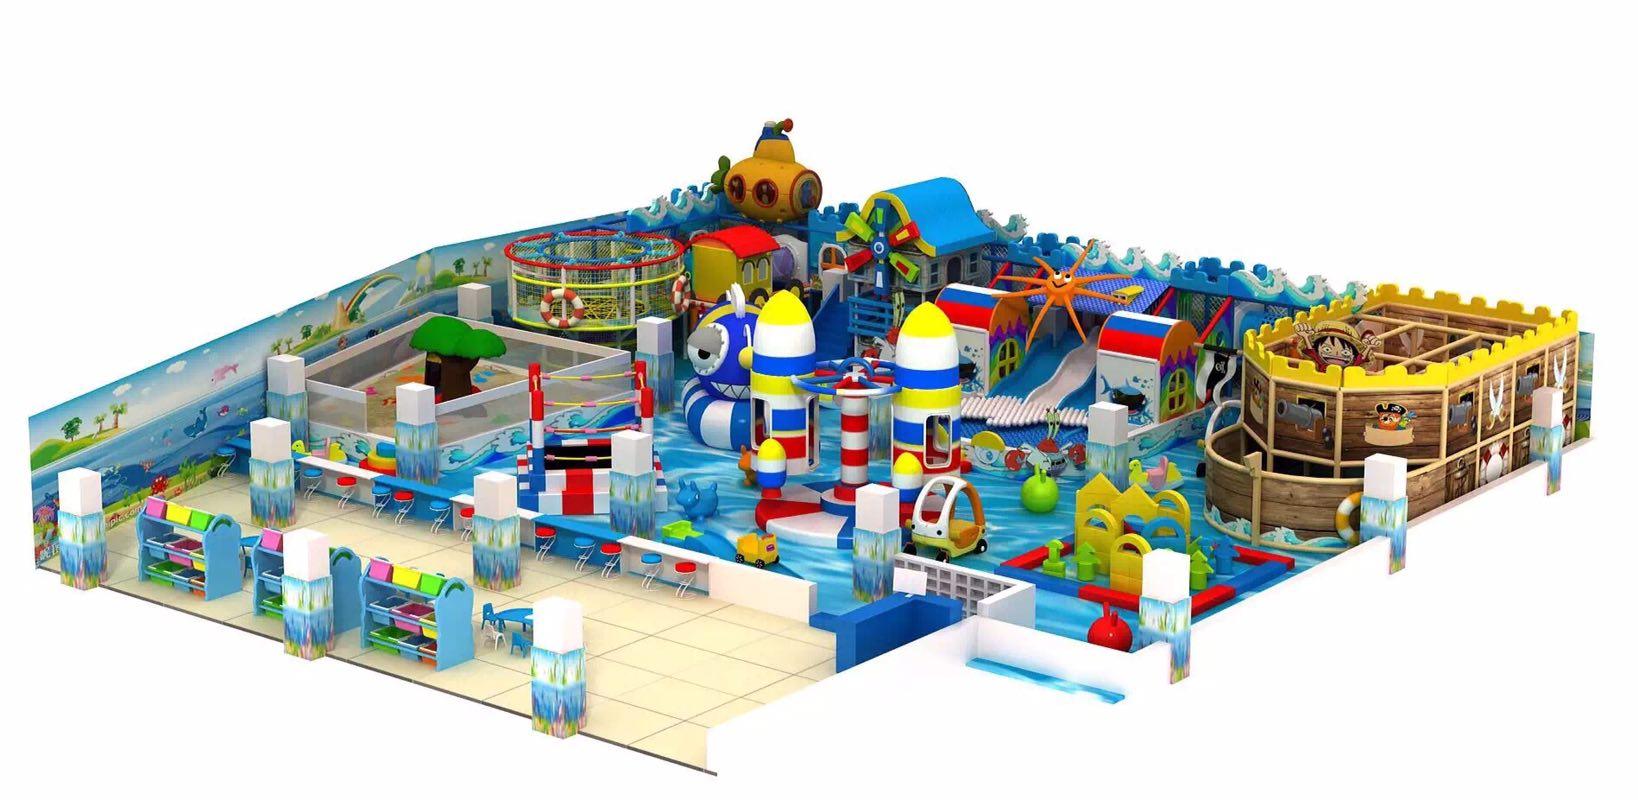 湖北童尔乐儿童乐园生产厂家 湖北儿童游乐设备生产厂家